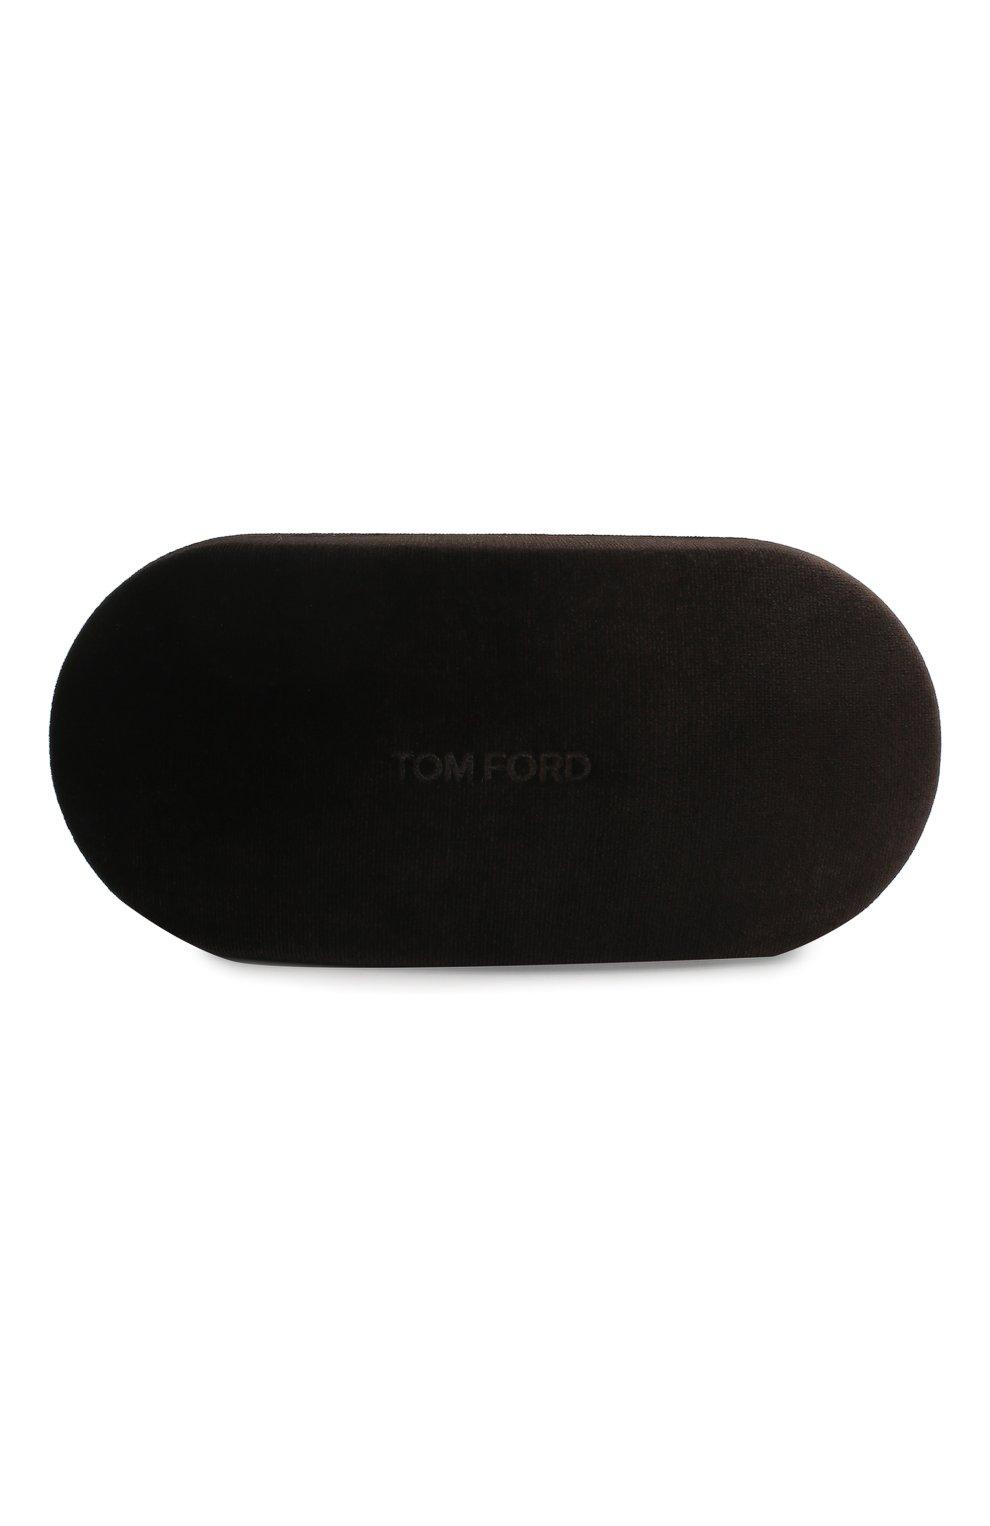 Мужские солнцезащитные очки TOM FORD коричневого цвета, арт. TF768 | Фото 5